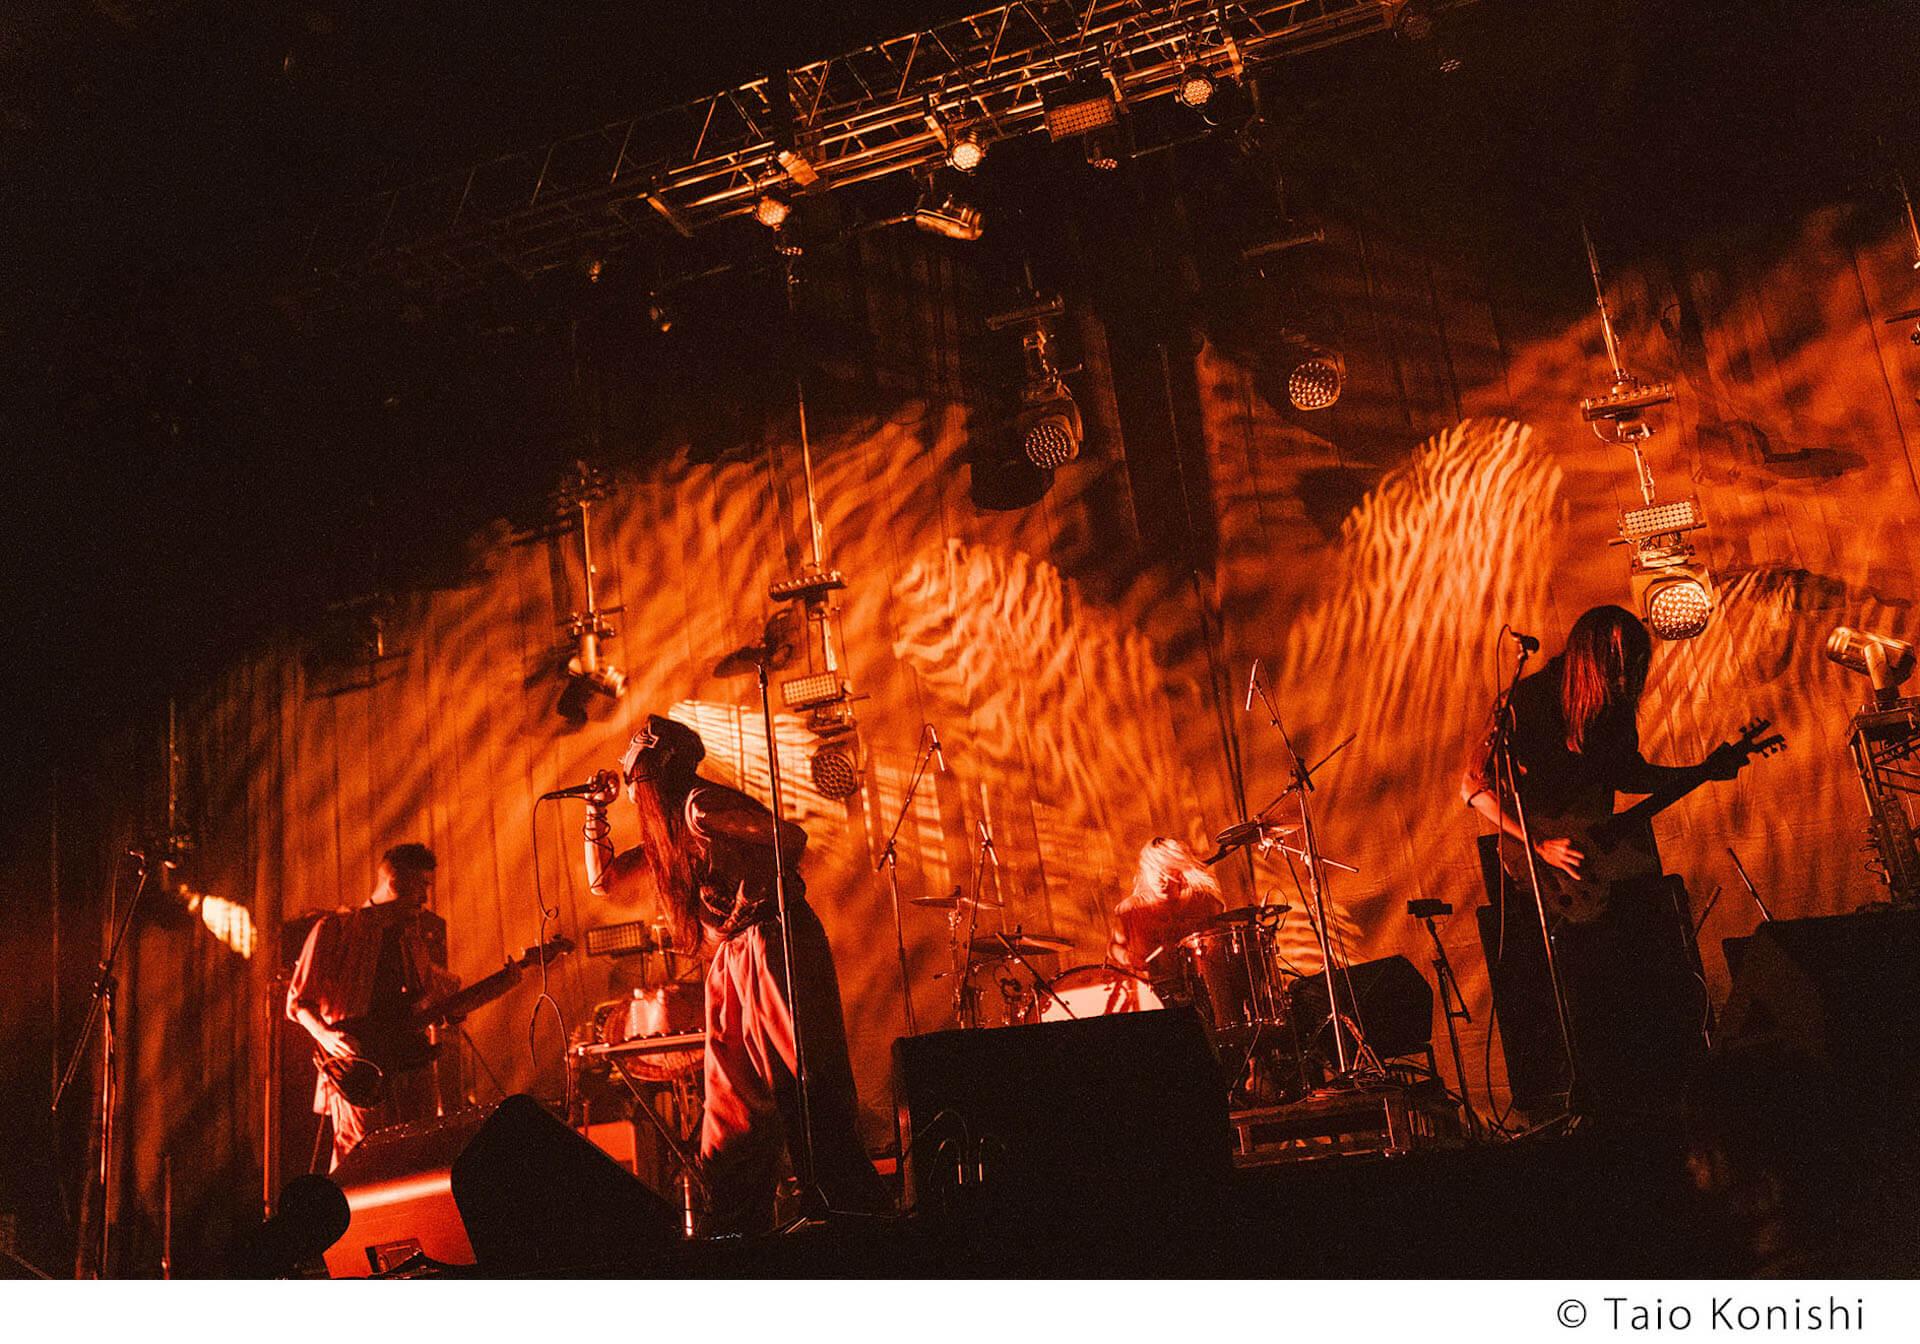 折坂悠太、カネコアヤノ、PUNPEEらが熱演!<KEEP ON FUJI ROCKIN' II >のオフィシャルレポートが公開 music210107_fujirock-010